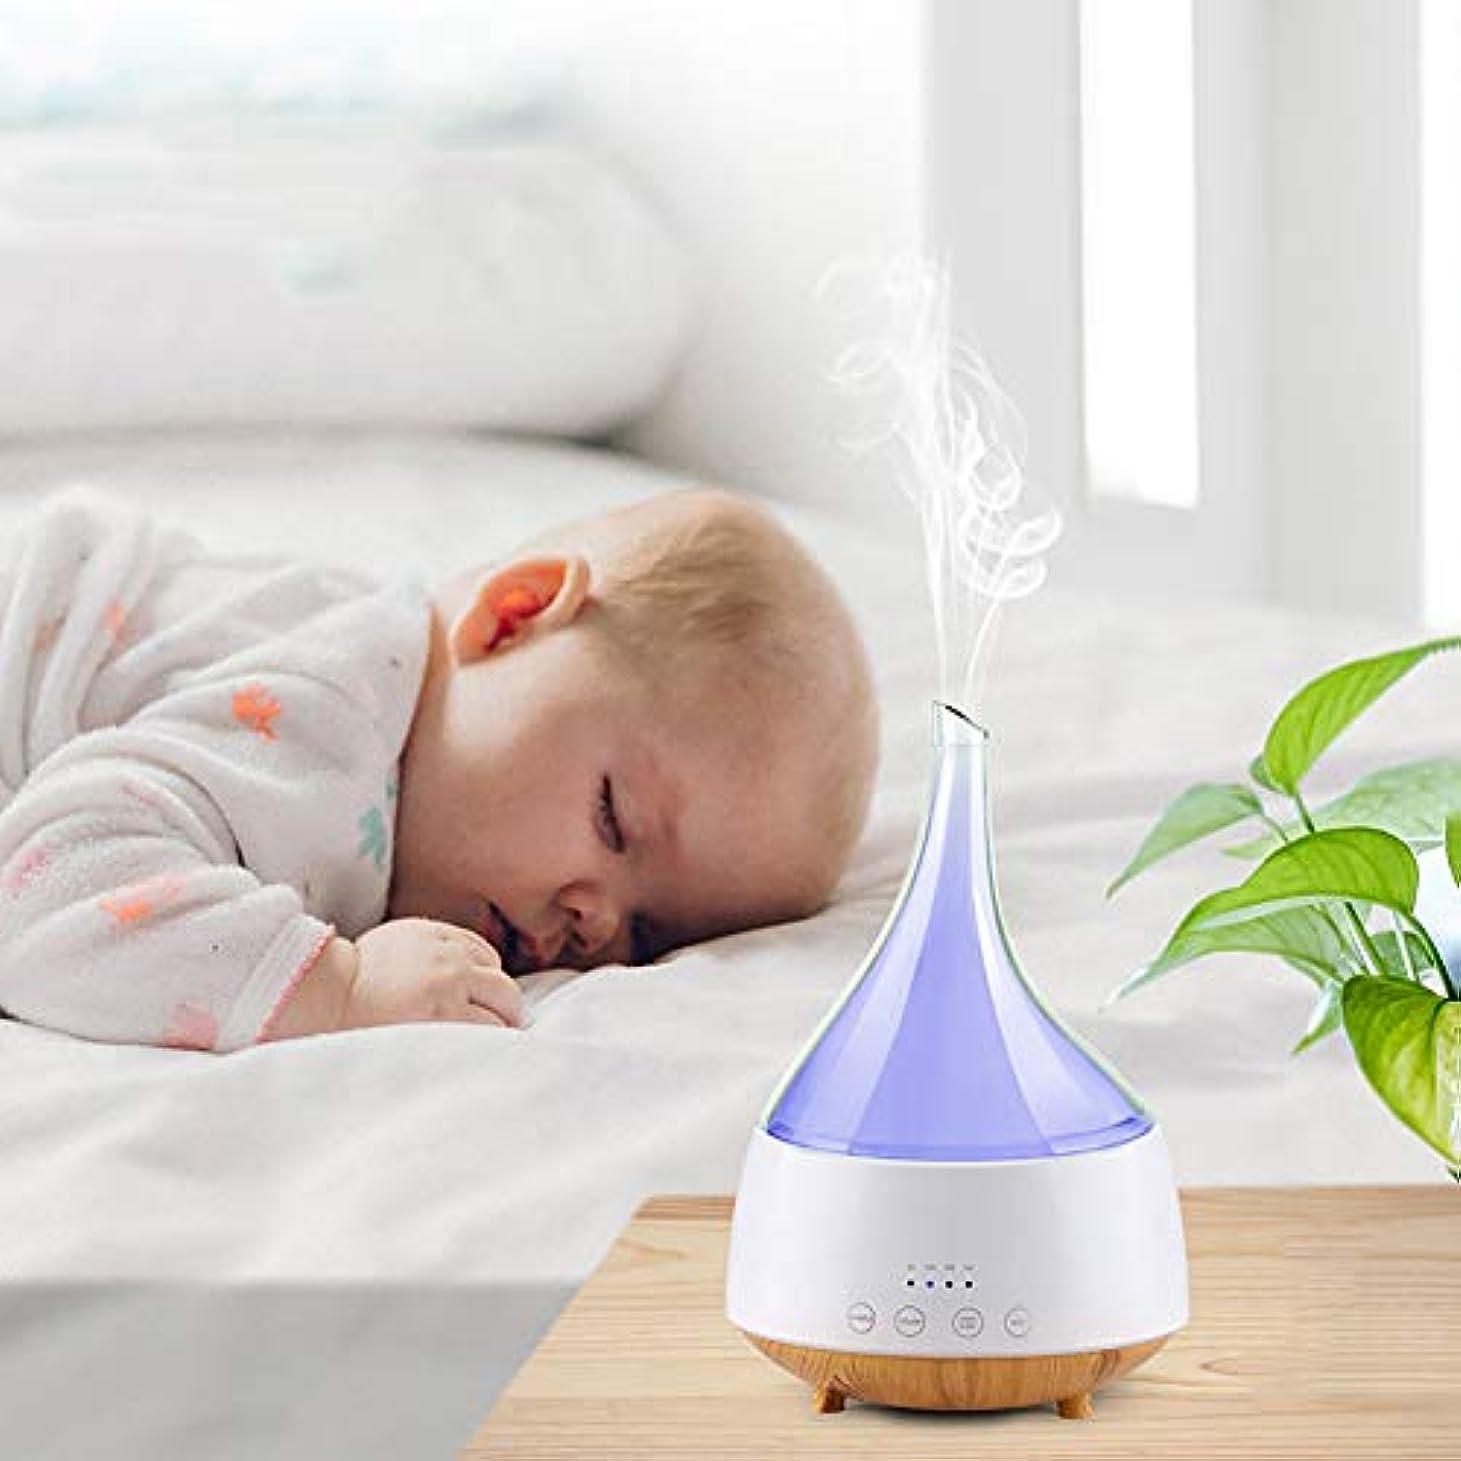 接辞過剰ではごきげんよう超音波 アロマディフューザー 、空気加湿器寝室妊娠中の女性の赤ちゃんサイレントディフューザー